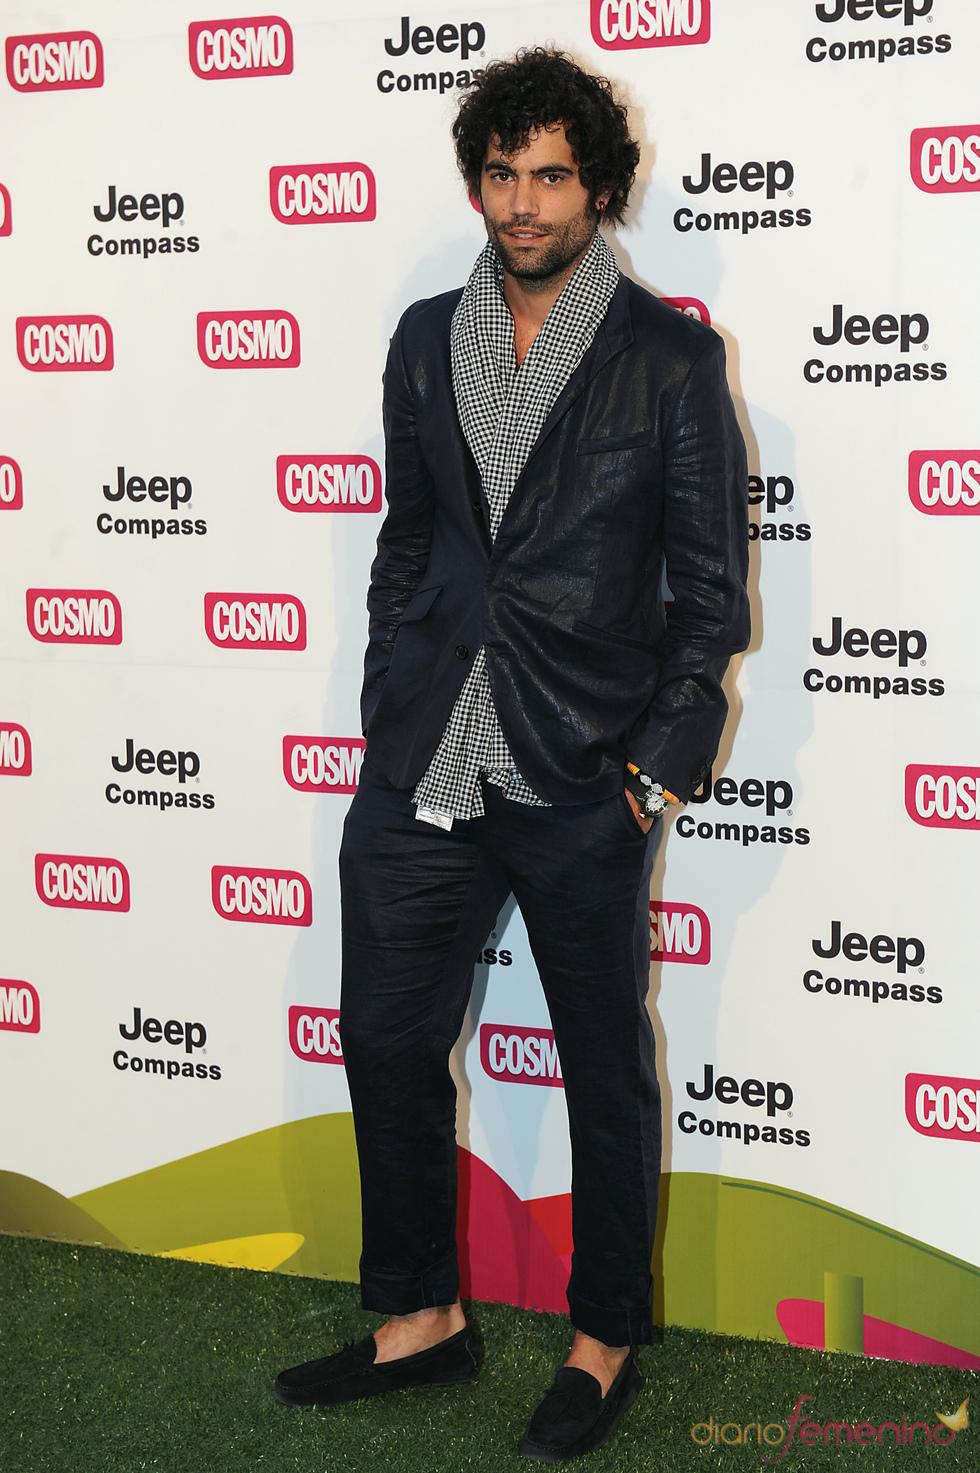 Jordi Mestre en los Premios Pétalo de Cosmopólitan 2011